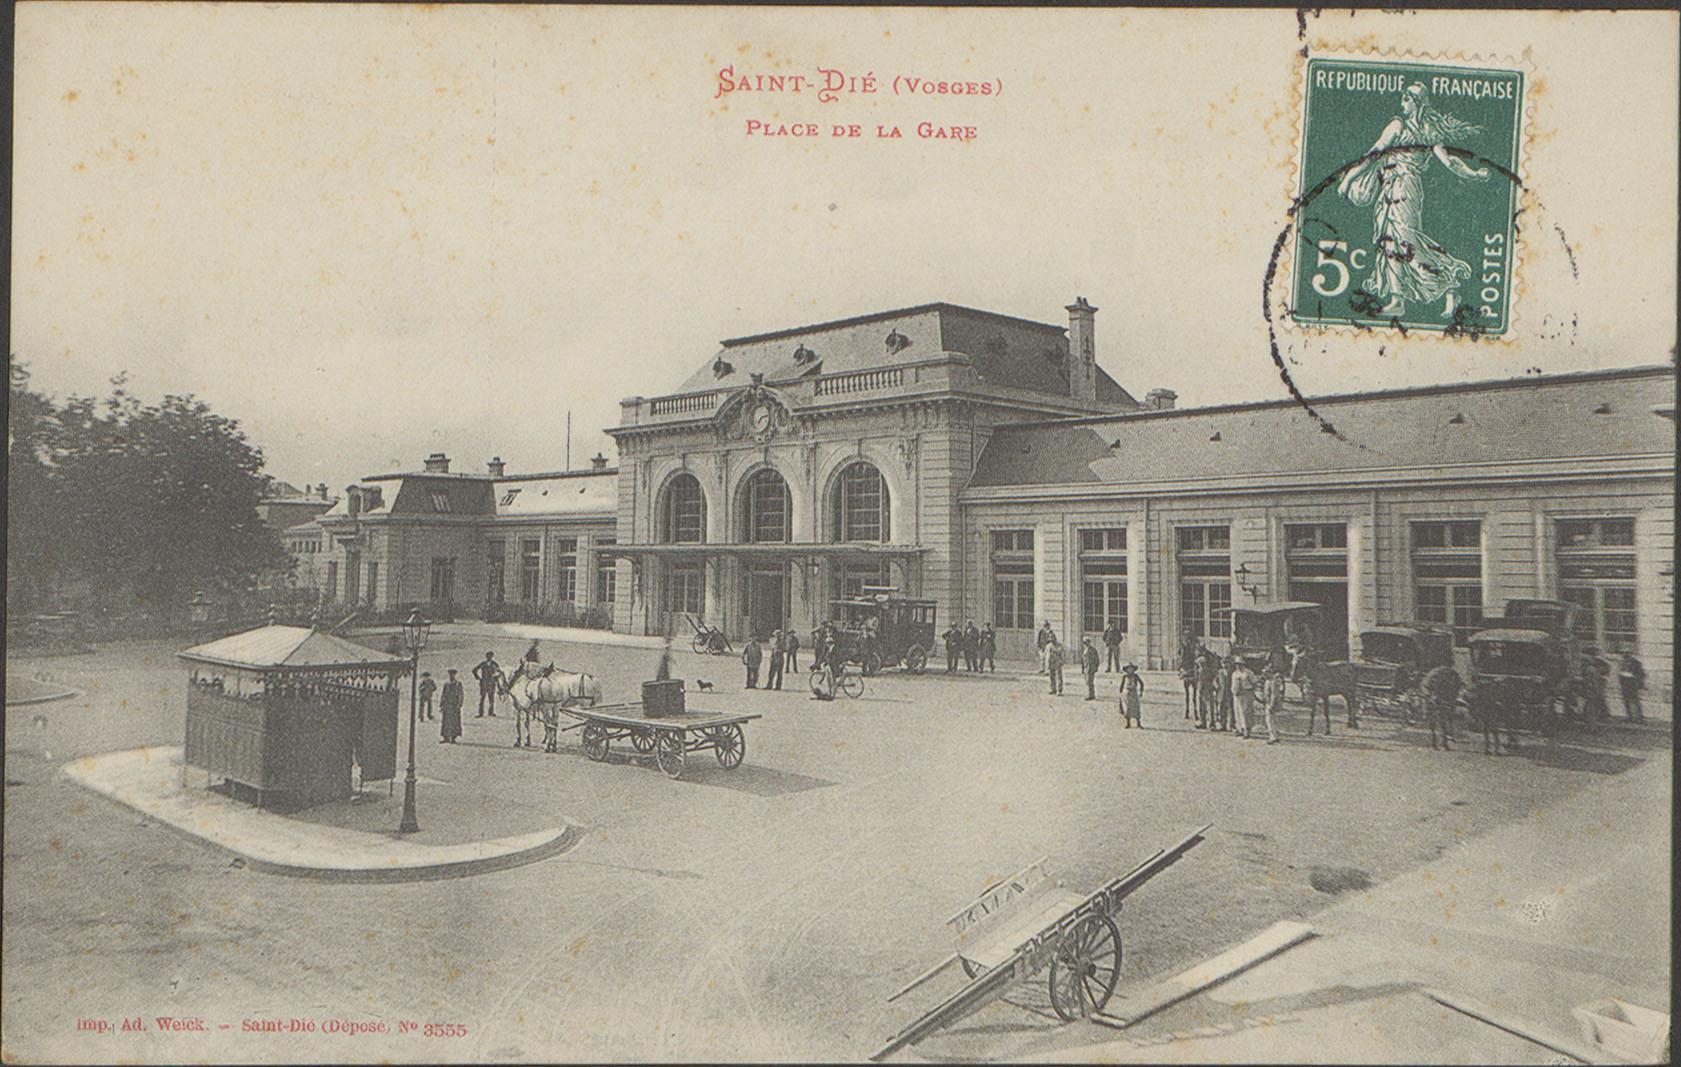 Contenu du Saint-Dié (Vosges), Place de la gare